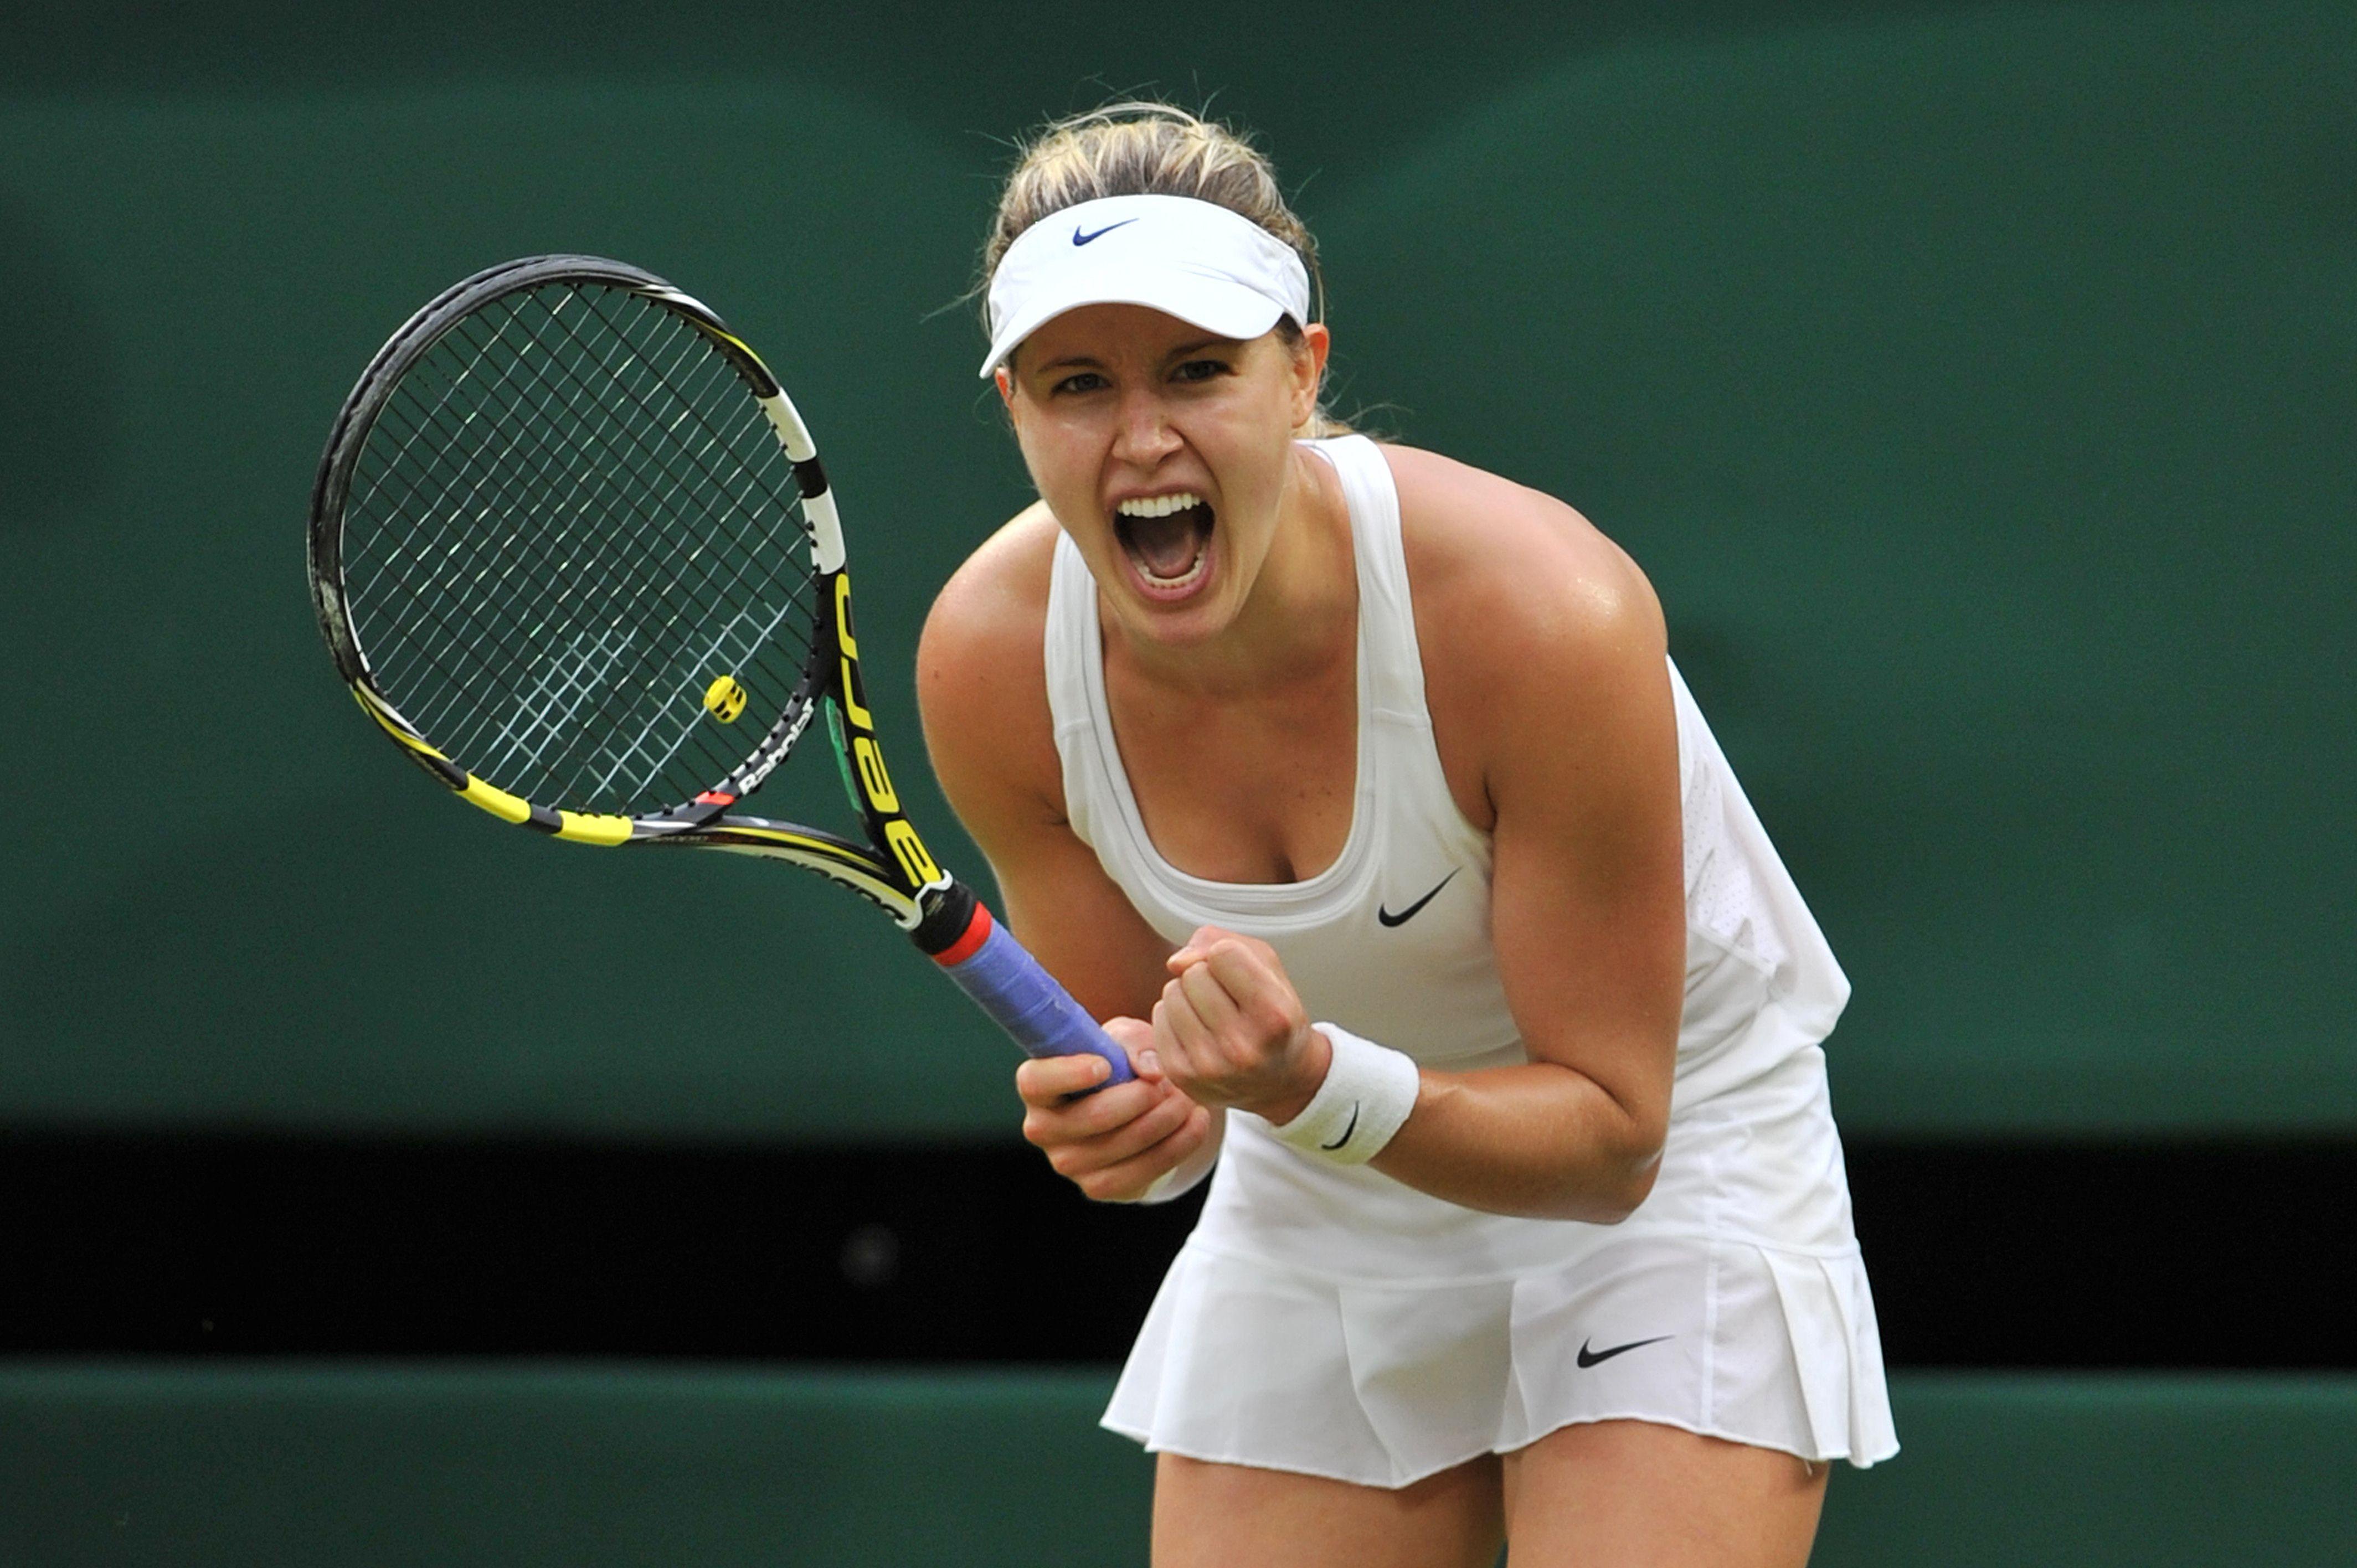 Federaţia americană de tenis trebuie să-i plătească despăgubiri lui Eugenie Bouchard